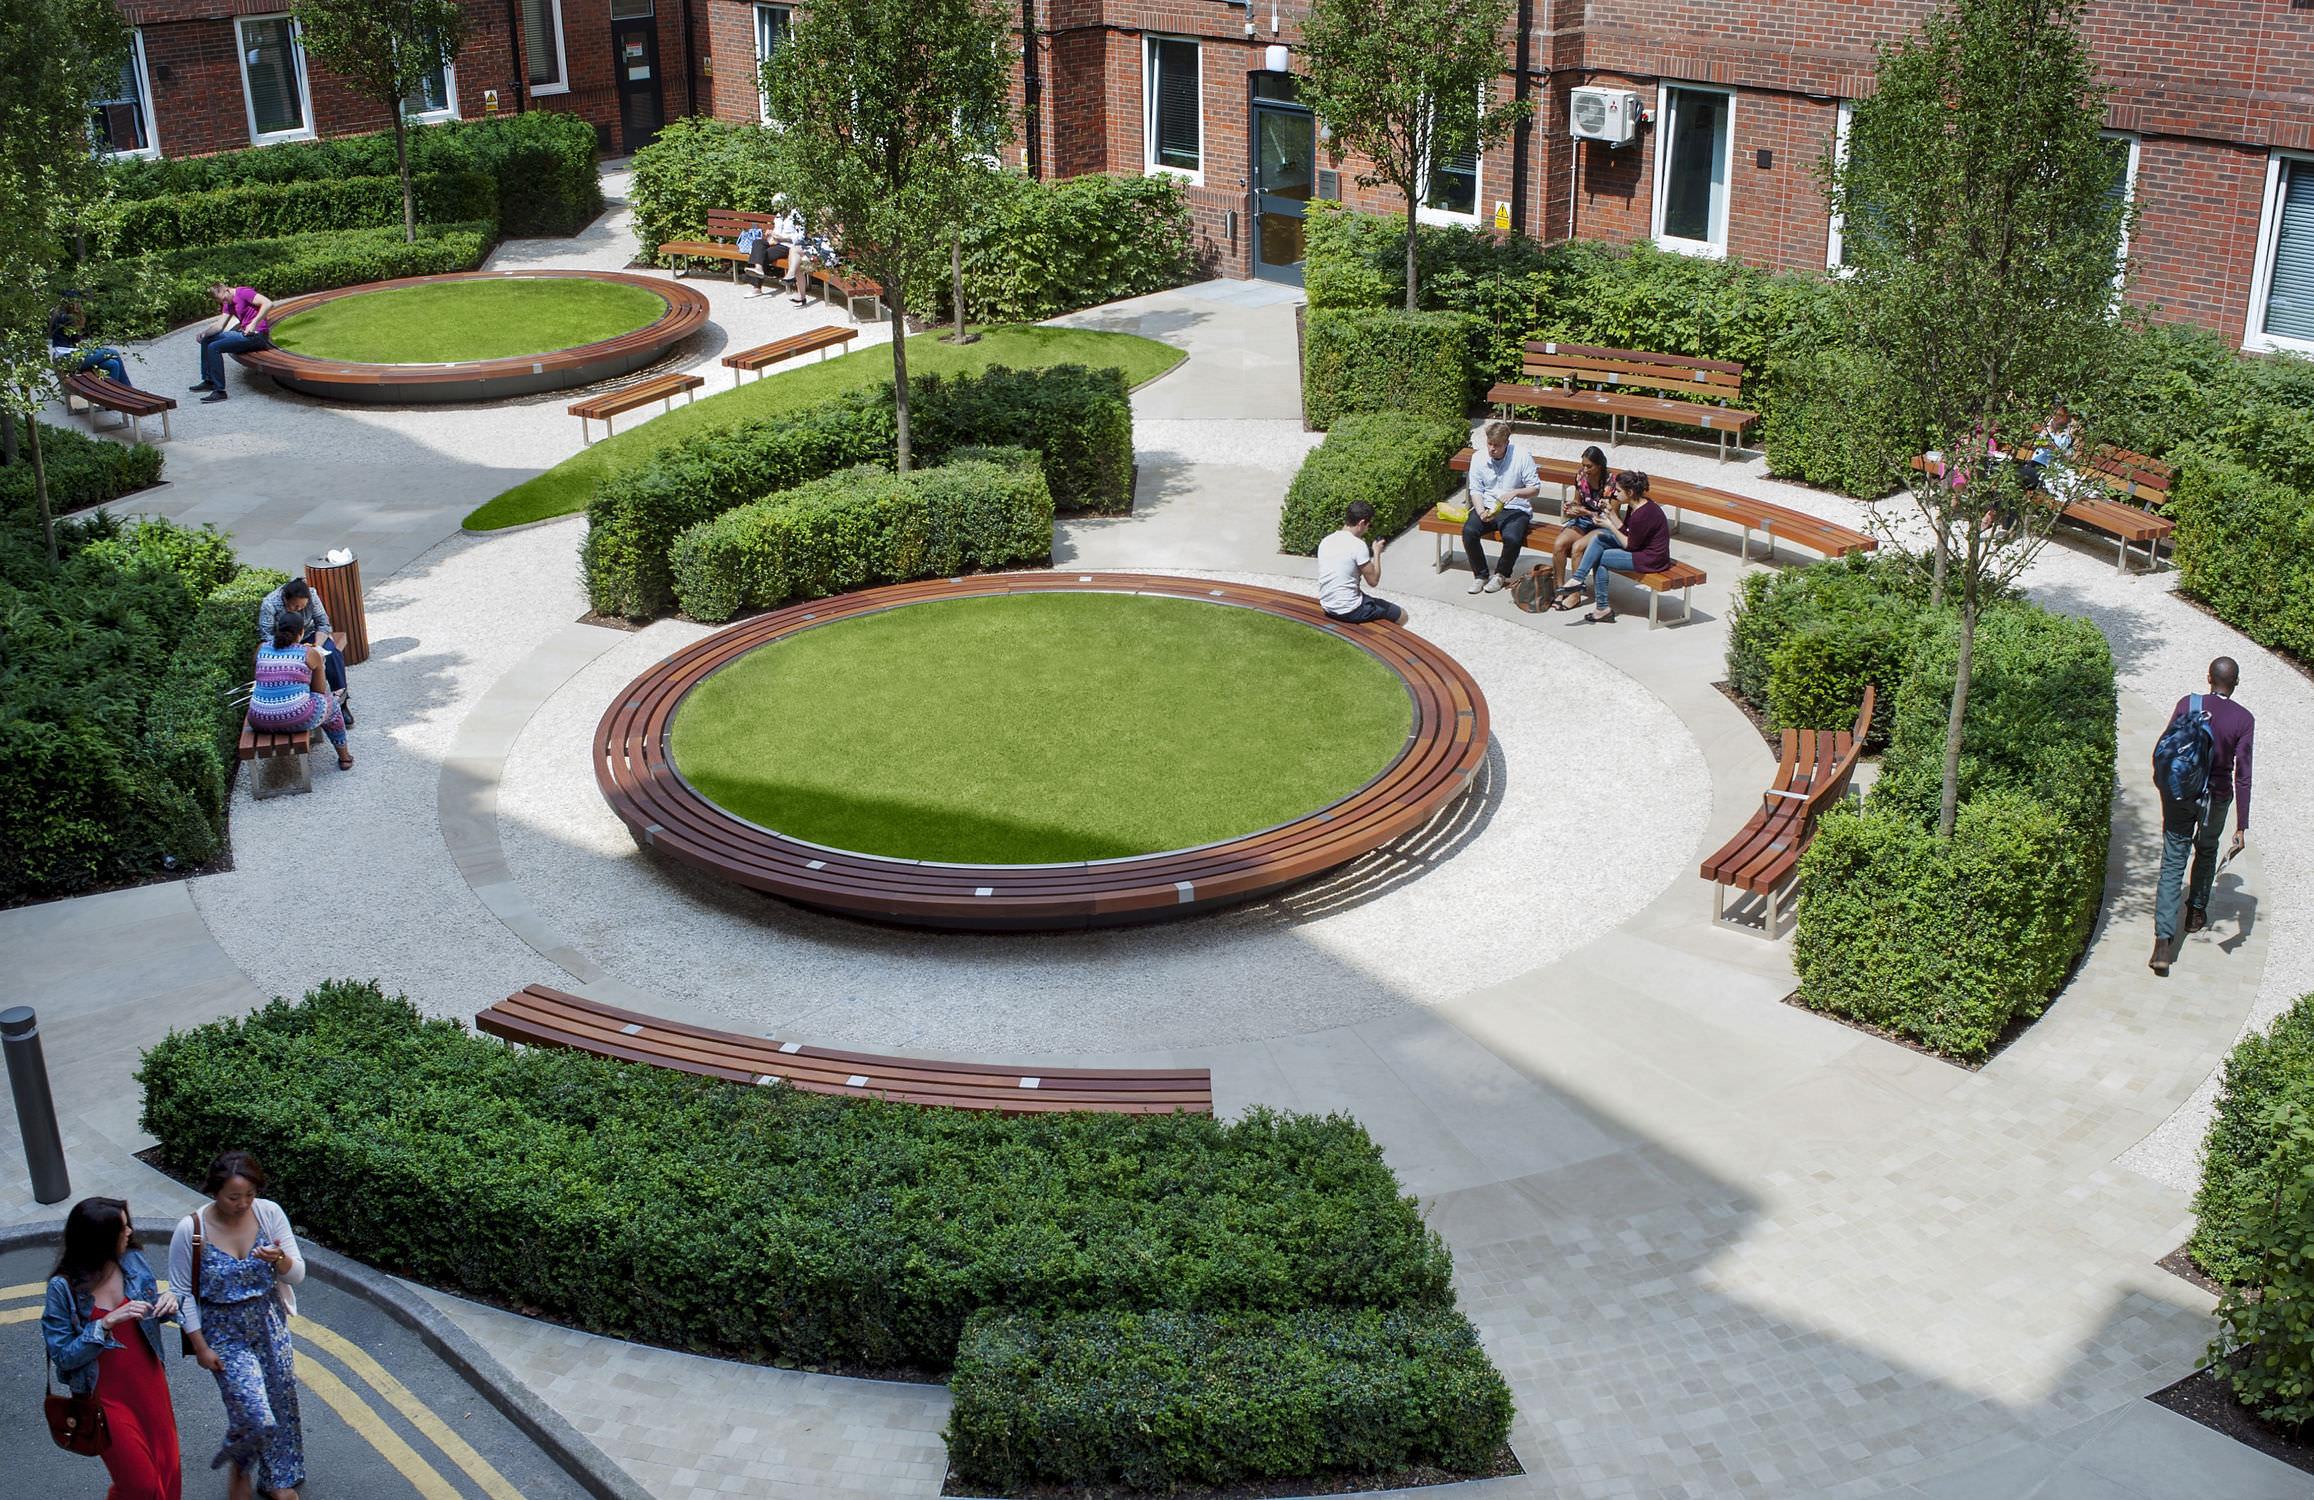 Banc de jardin public contemporain en bois GUY S & ST